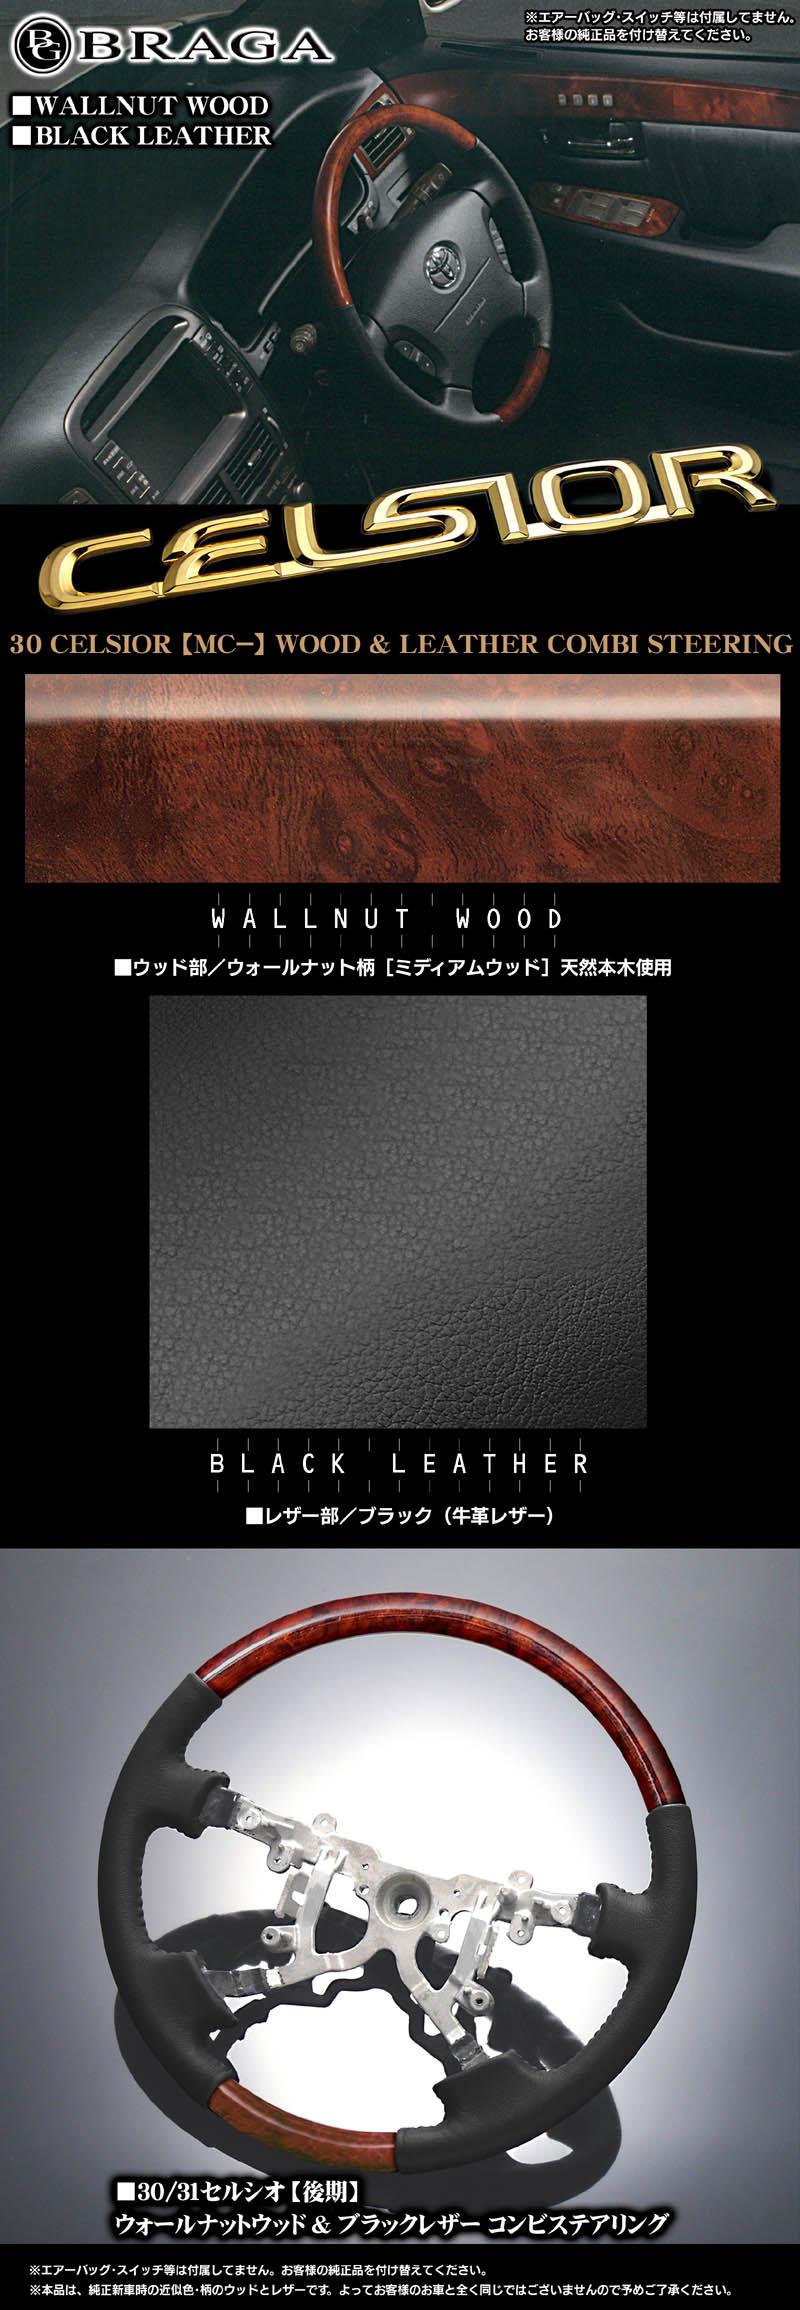 【ブラガ製】30/31セルシオ《後期》ミディアムウッド(ウォールナット柄)&【ブラック】レザーコンビステアリング/本木目/純正タイプ